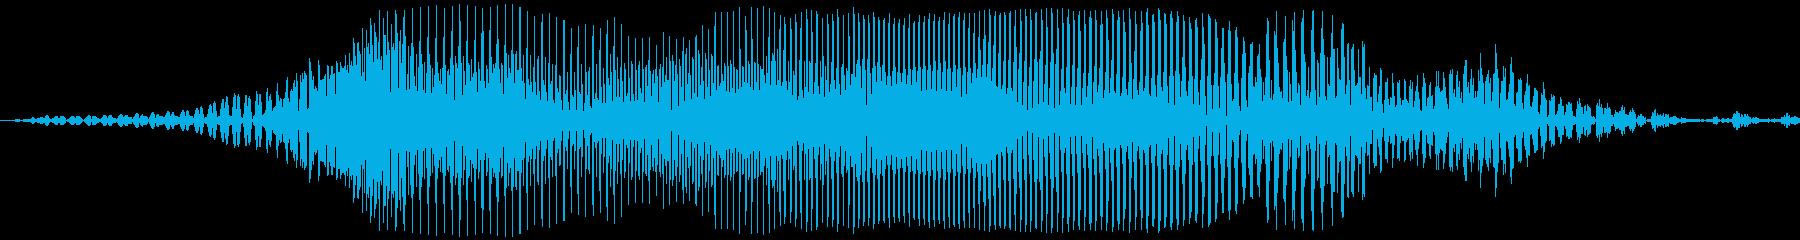 アメリカ人女声「Wao!(ワォ!)」の再生済みの波形